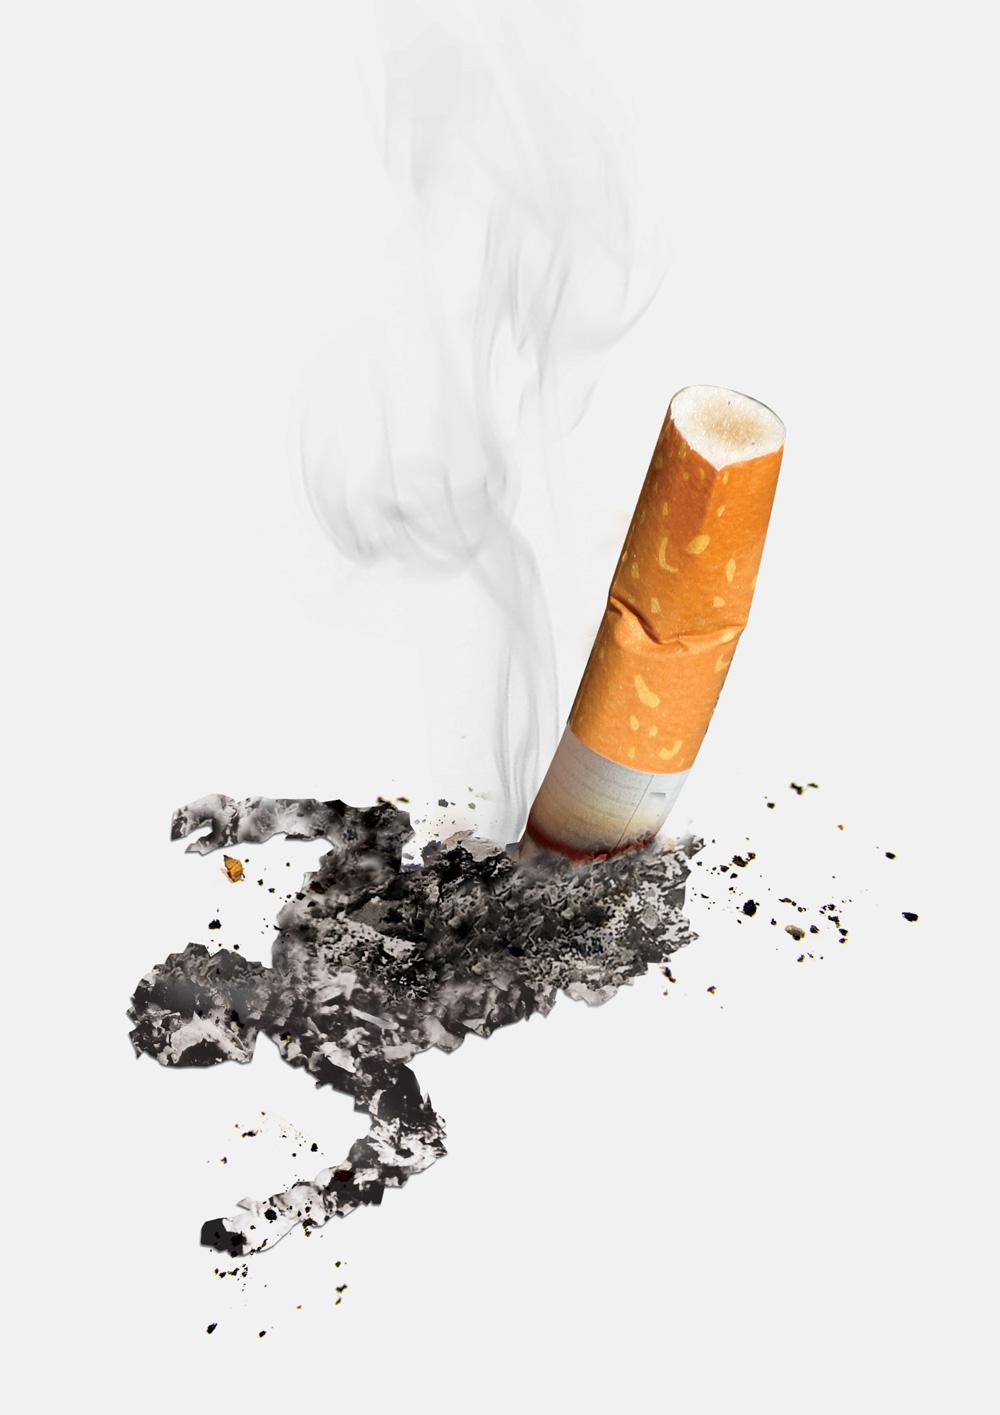 рекламный постер электронных сигарет картинки планах пофотографировать практику